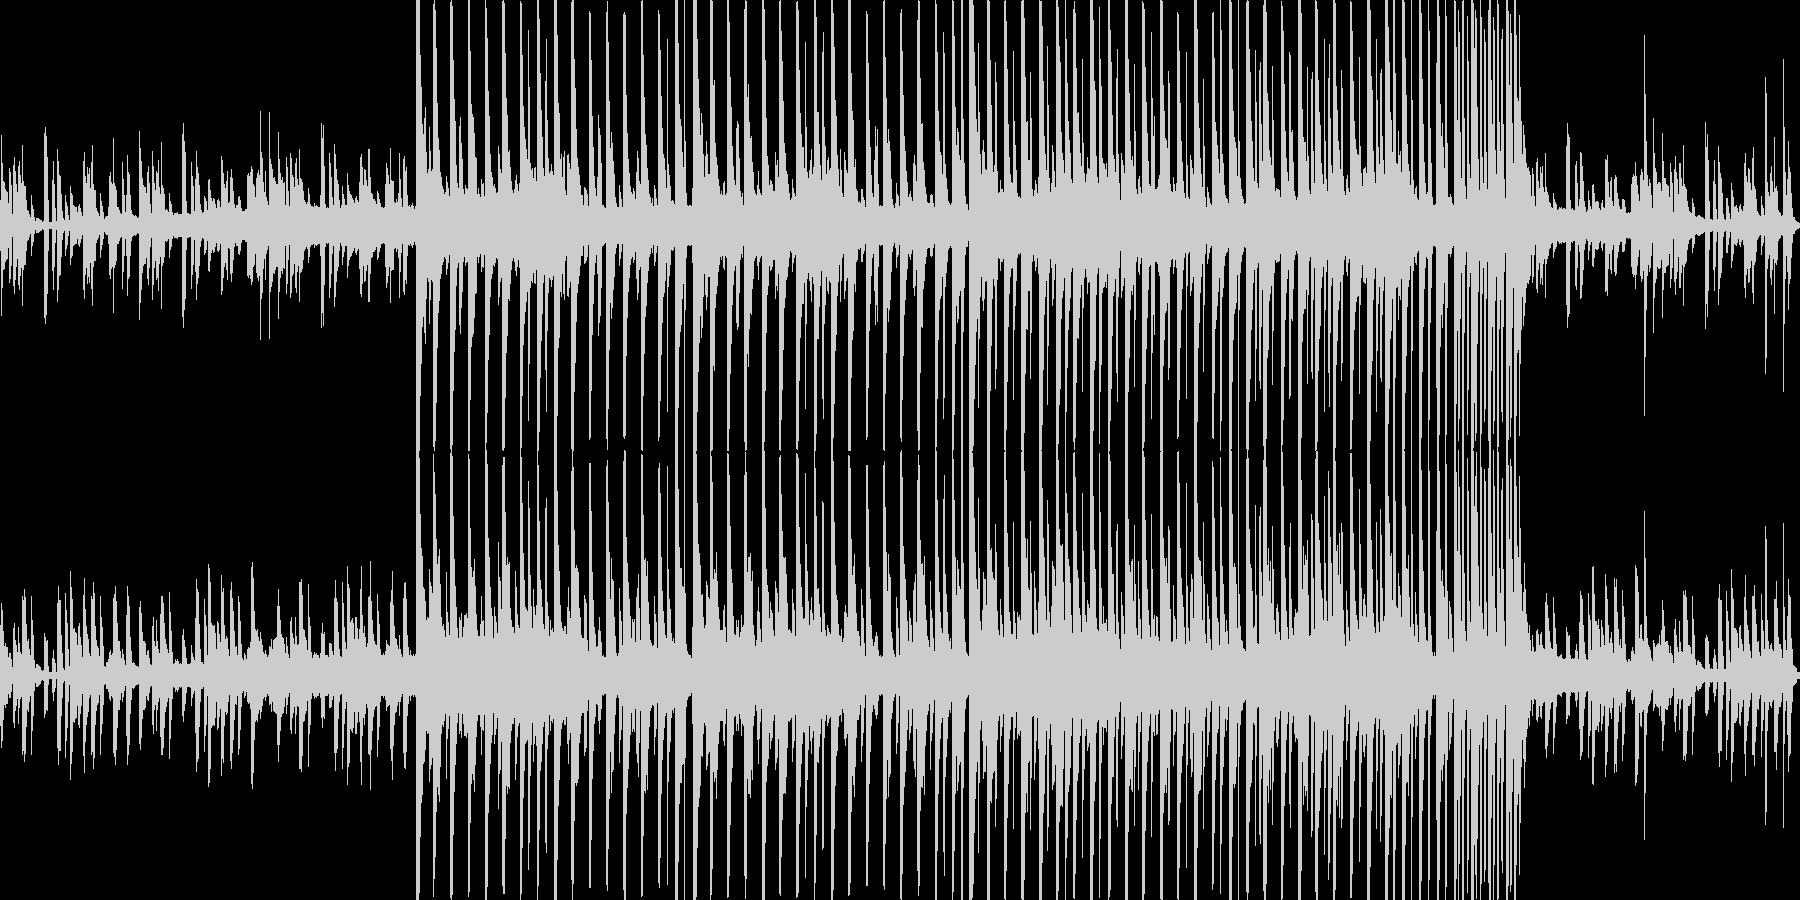 コンピューターの音楽(レトロ)の未再生の波形